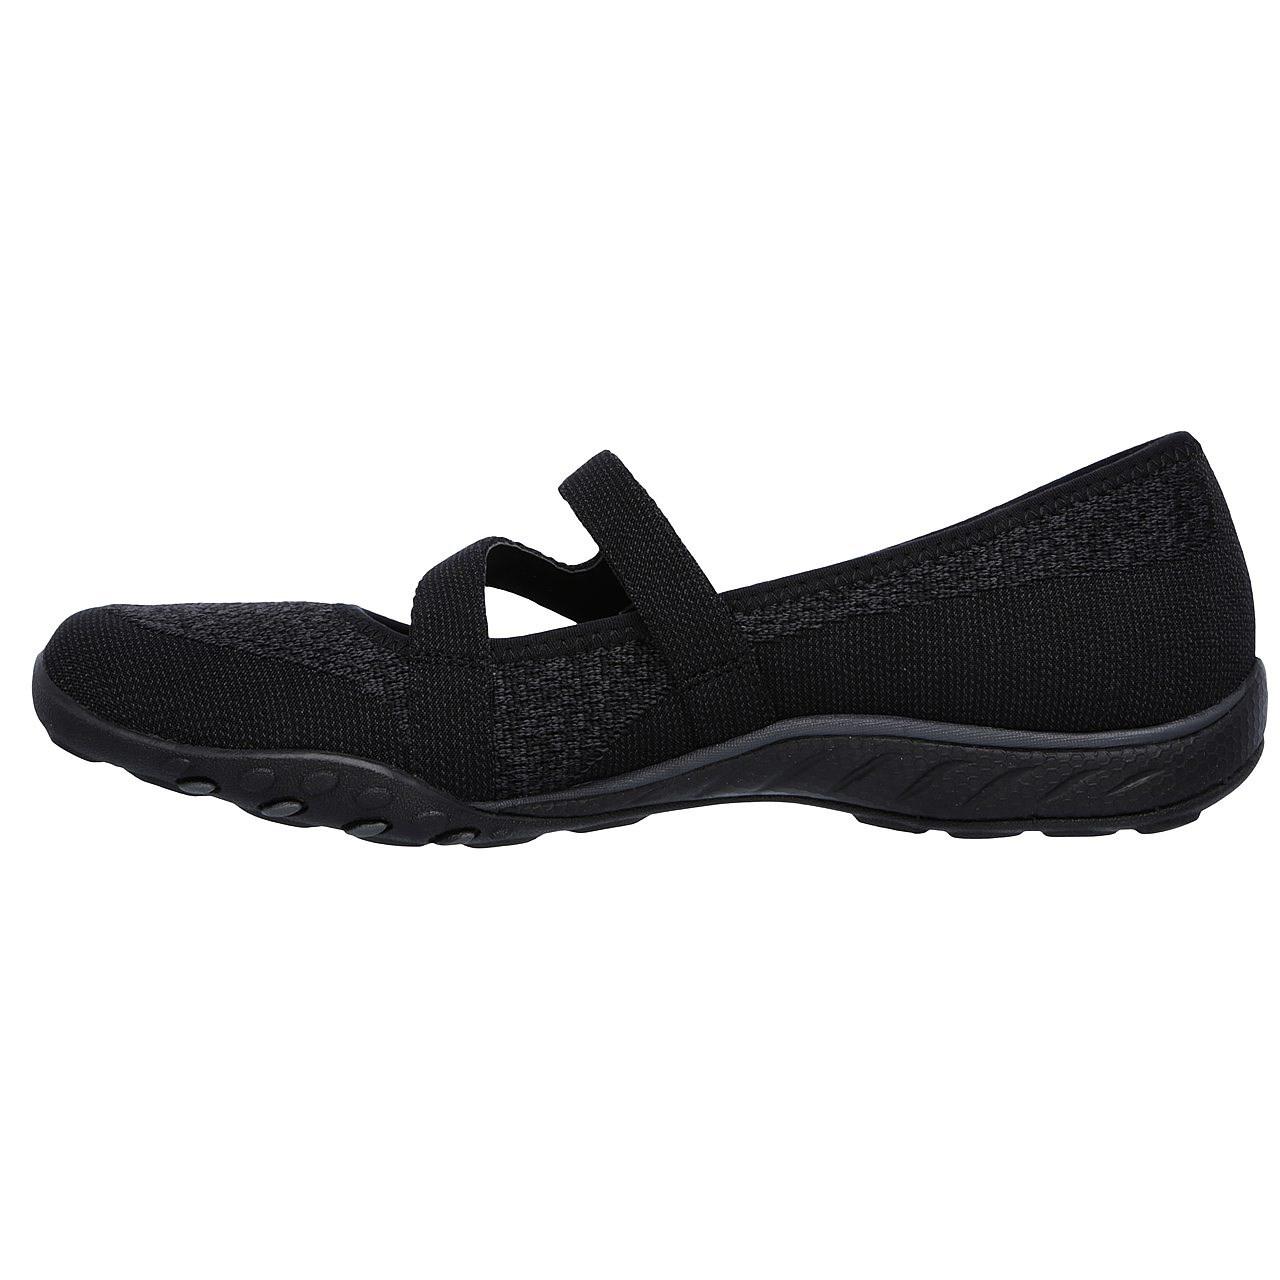 کفش راحتی زنانه اسکچرز مدل 23005BLK